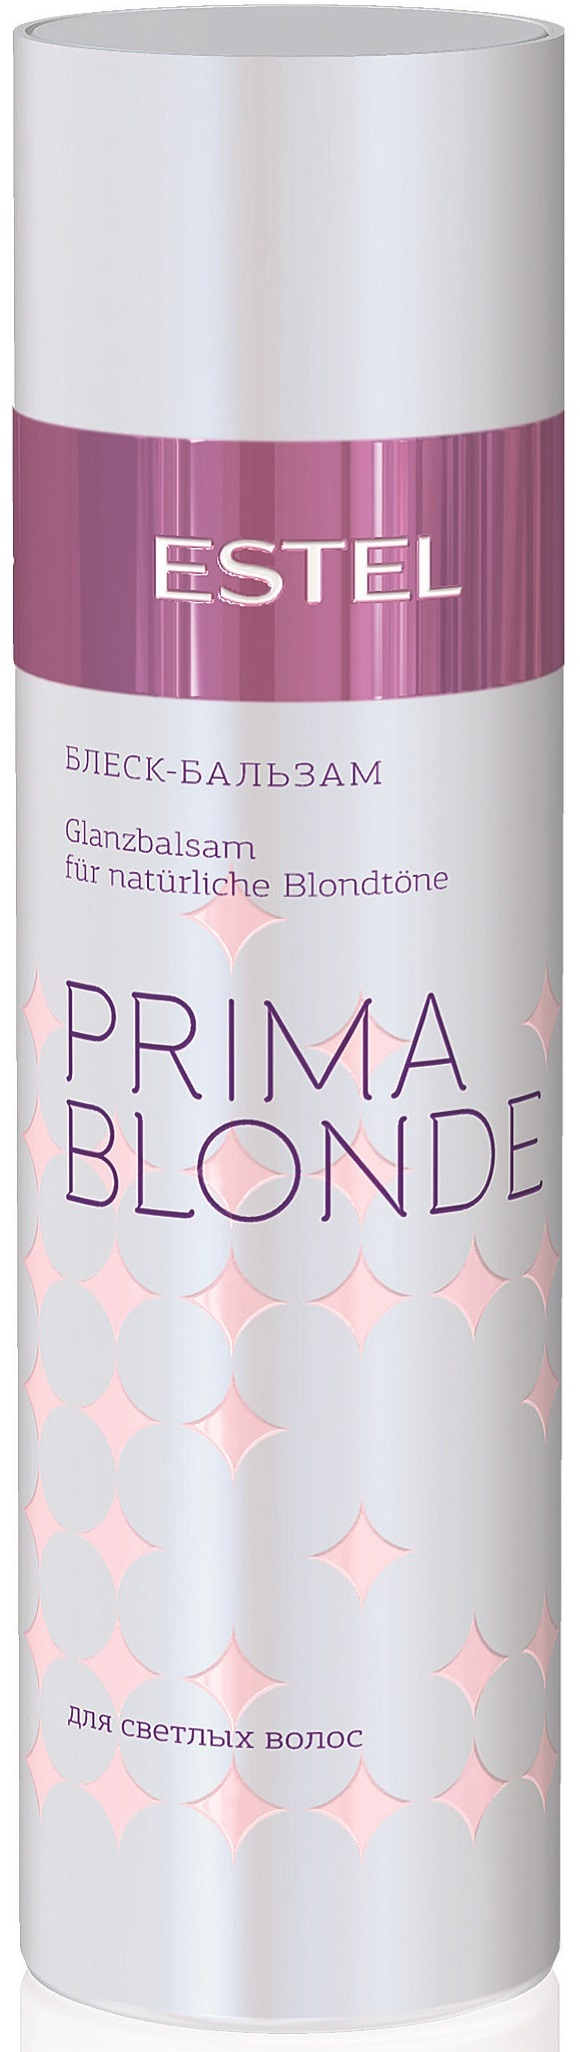 Бальзам для волос ESTEL PROFESSIONAL PRIMA BLONDE для блондированных волос блеск 200 мл